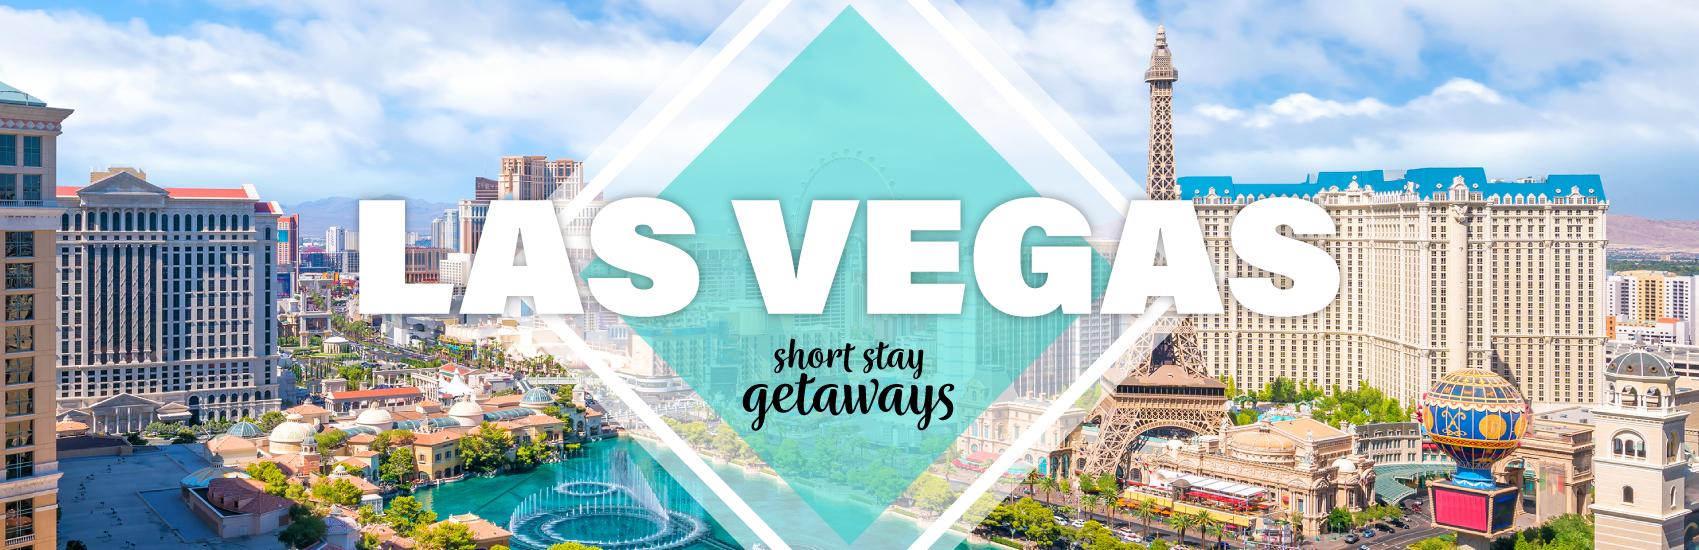 Getaway to Las Vegas